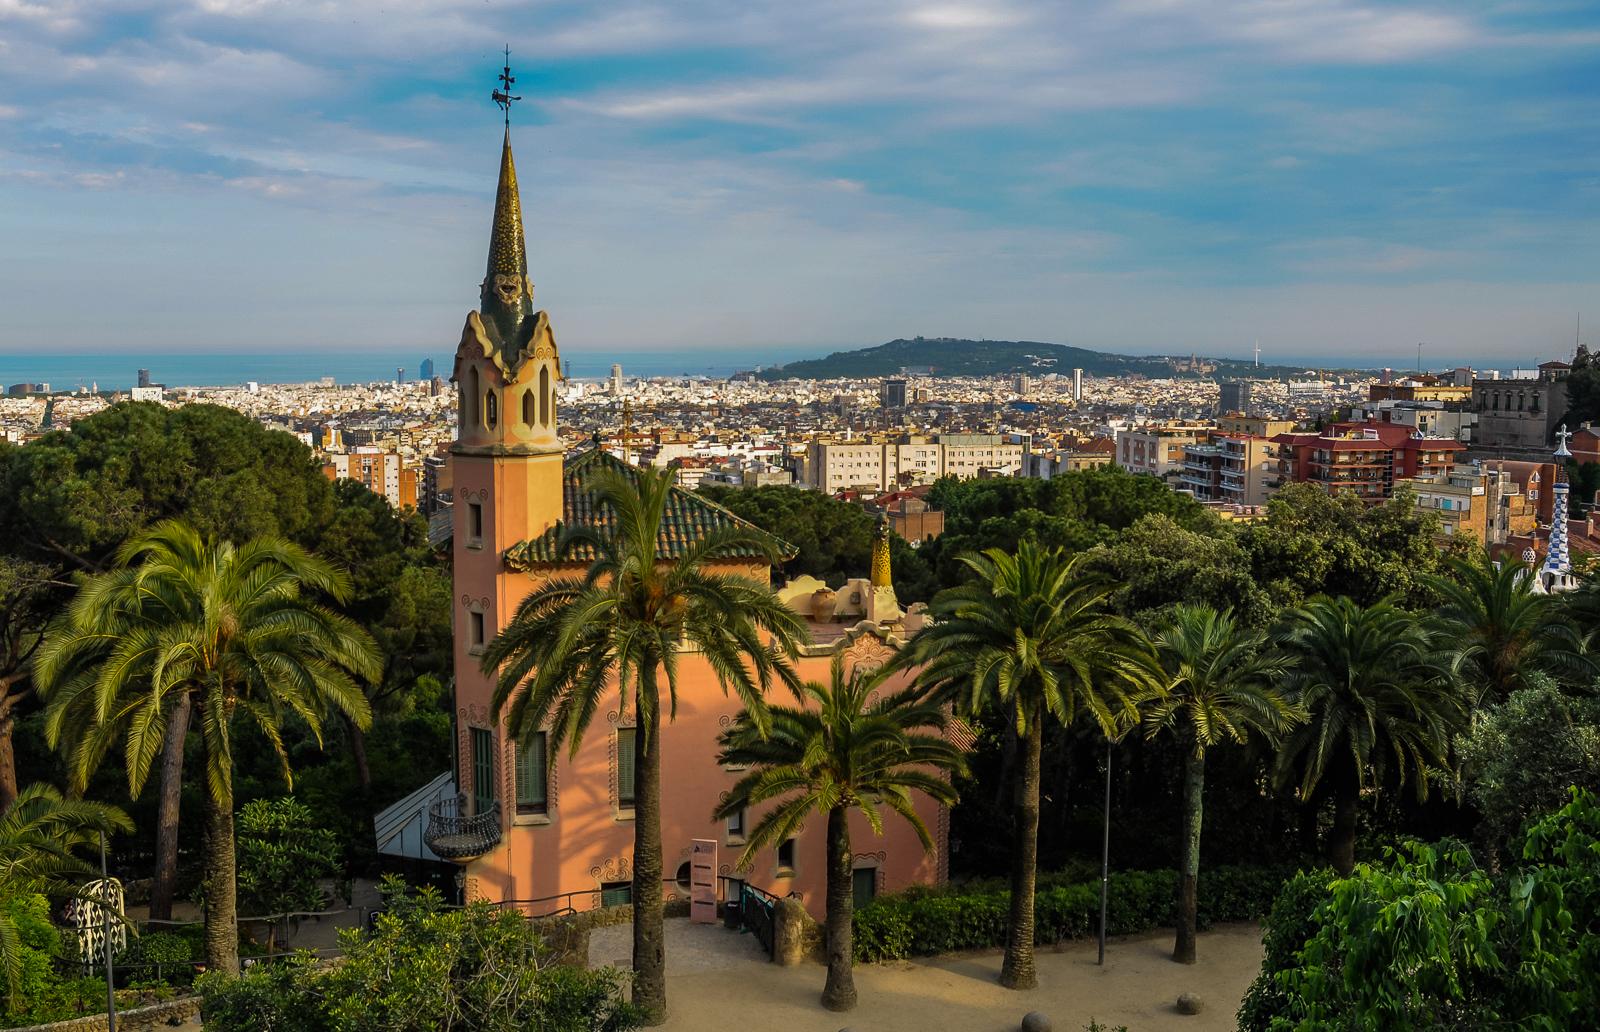 Park Guell Twilight, Barcelona, Spain